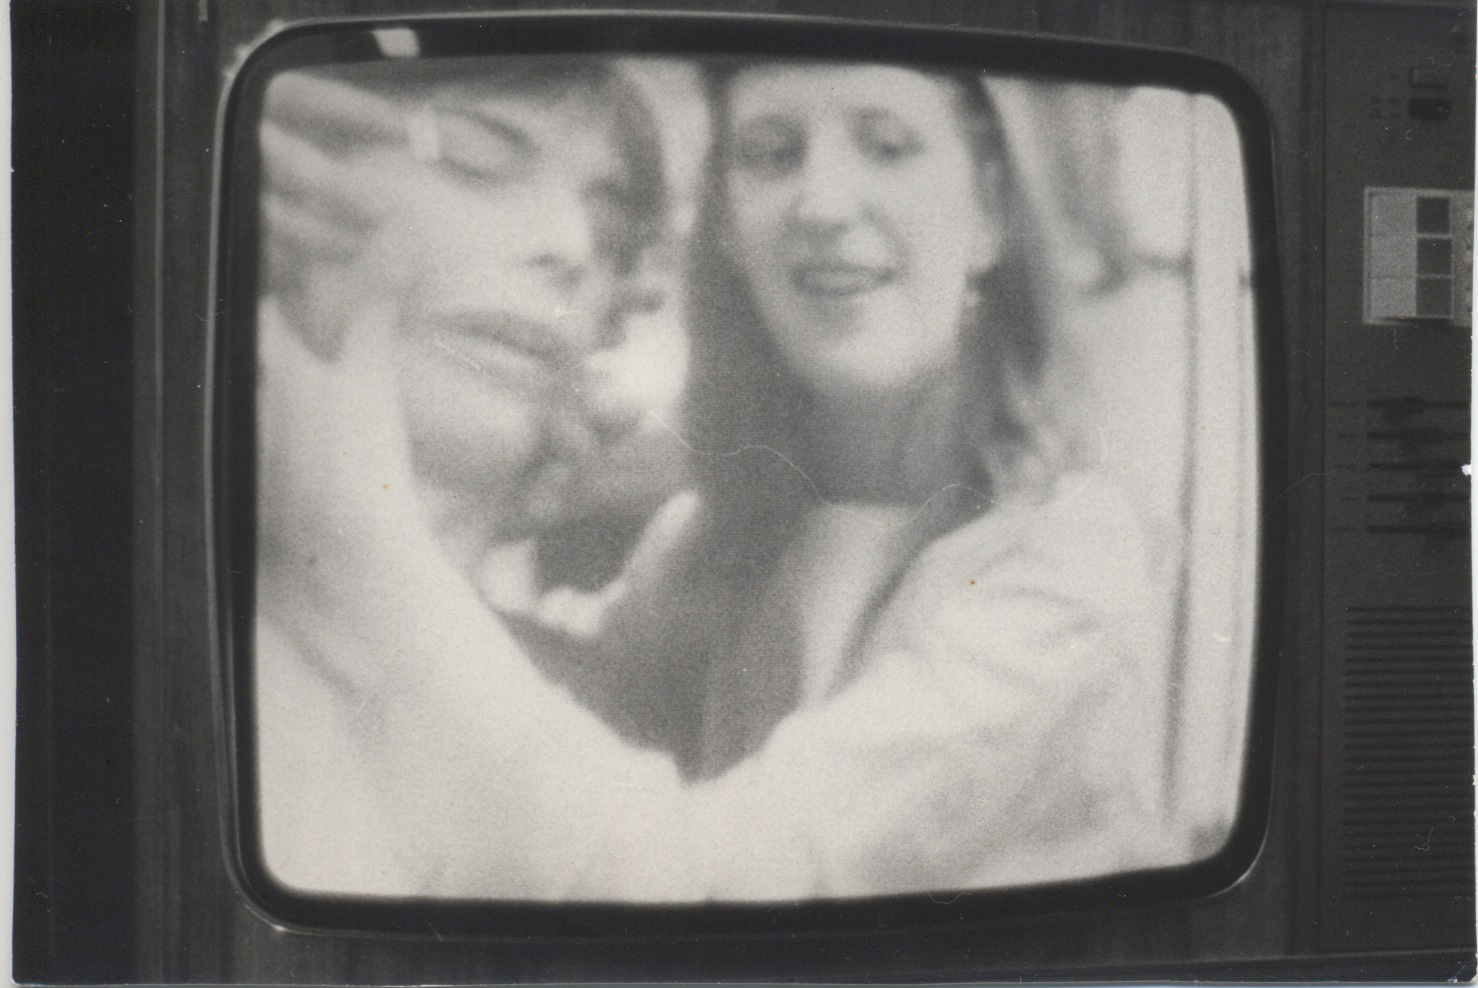 Film dyplomowy Małgorzaty Mazur (obecnie Mazur-Gusta), naekranie Paweł Jarodzki iEwa Ciepielewska, 1984